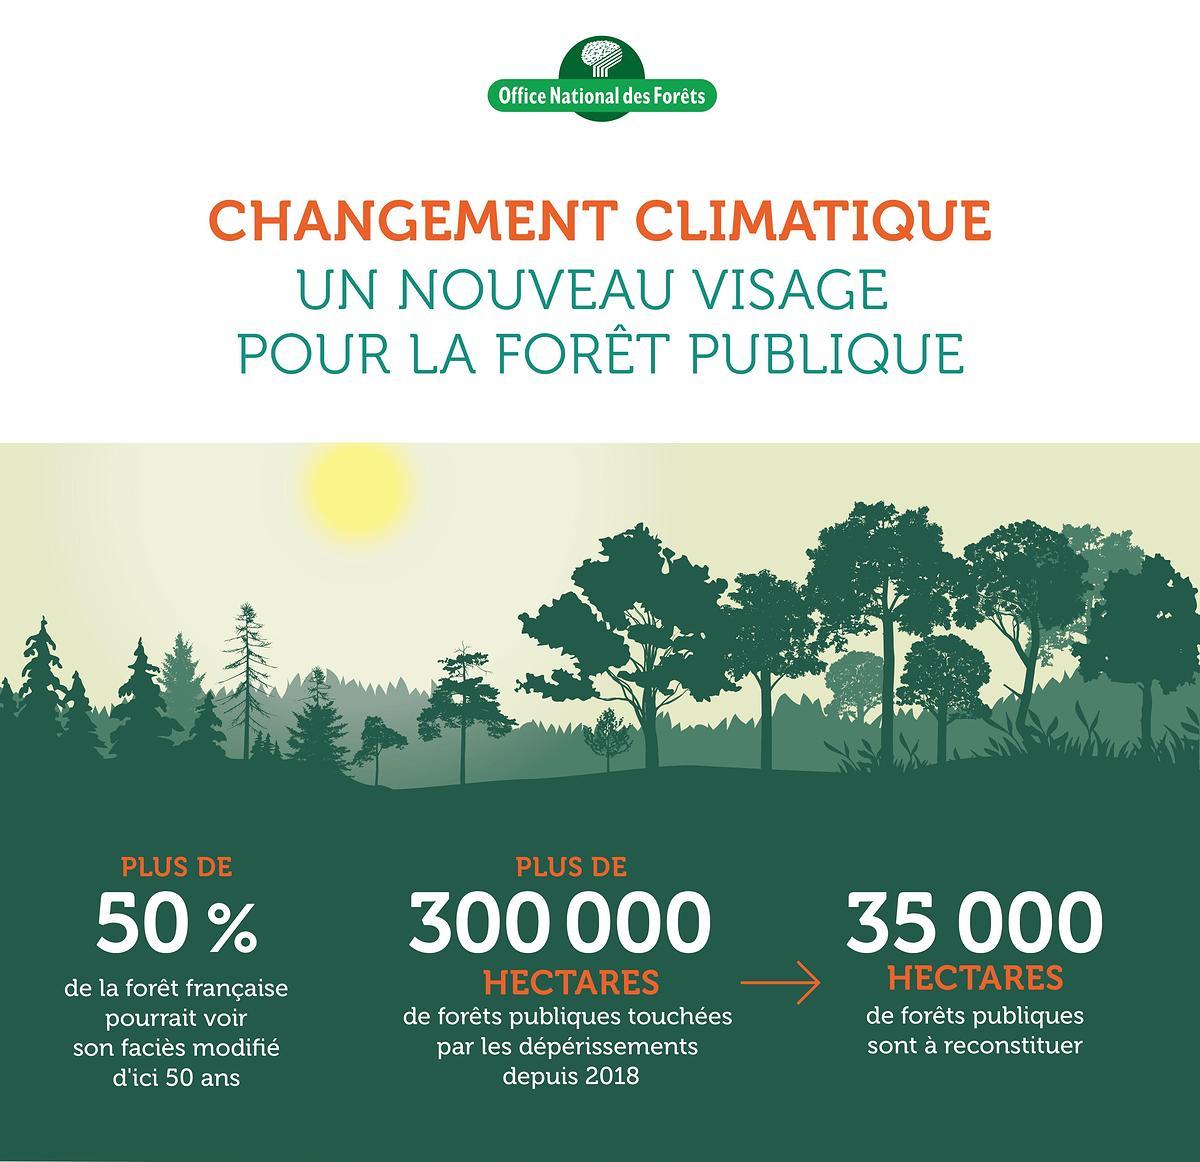 Lutte contre le réchauffement climatique et biodiversité en tête des priorités de l'ONF